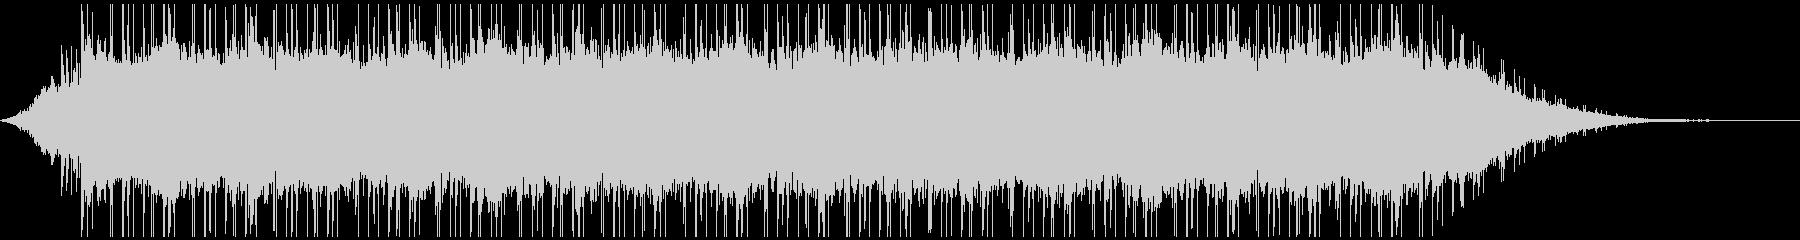 ラウンジ向きのゆったりしたピアノBGM2の未再生の波形